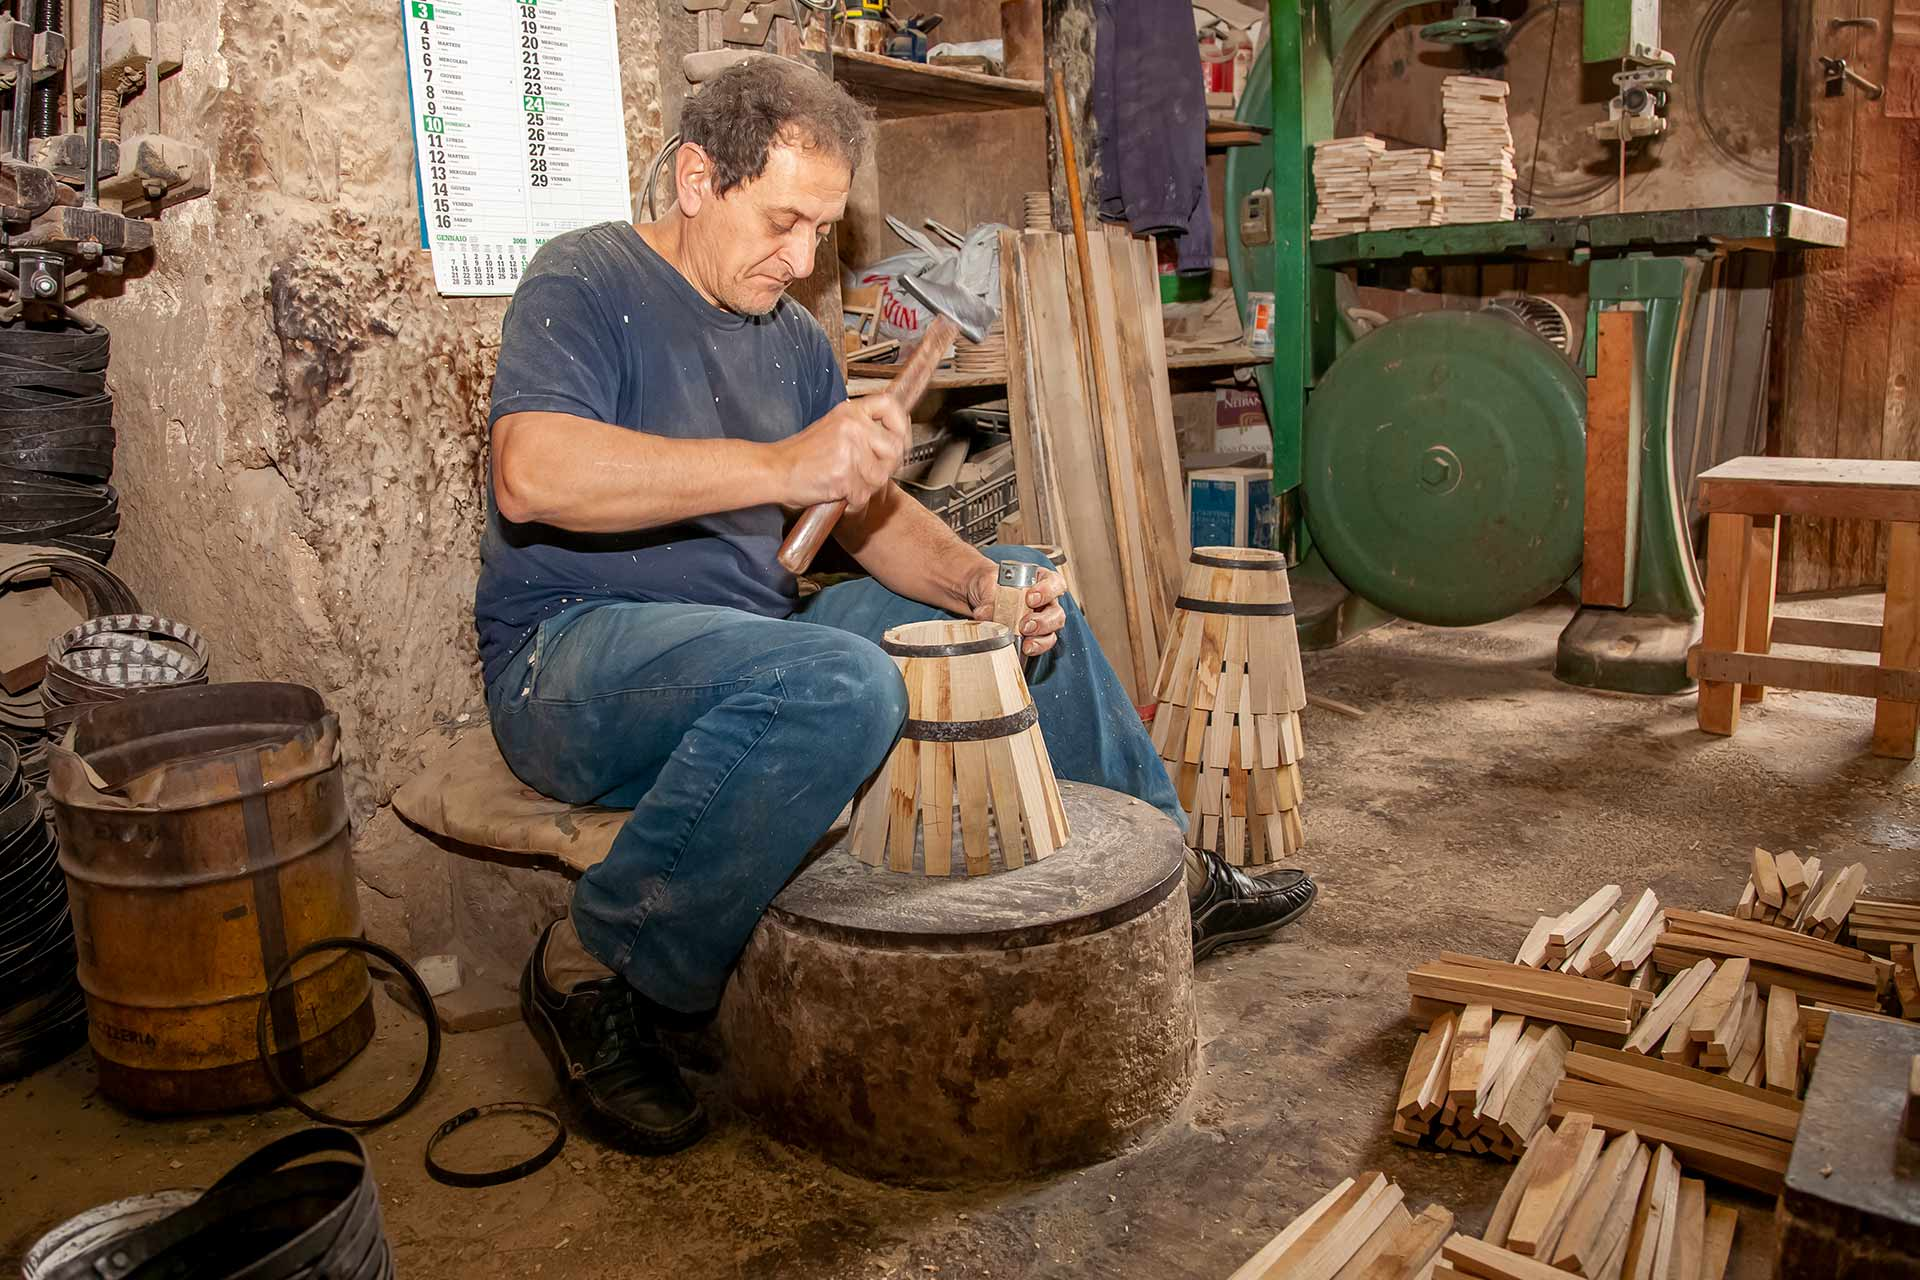 Tous les travaux, pour la construction des petits f?ts de 5 litres pour le vin de Marsala, ont ?t? r?alis?s strictement ? la main par les deux fr?res.